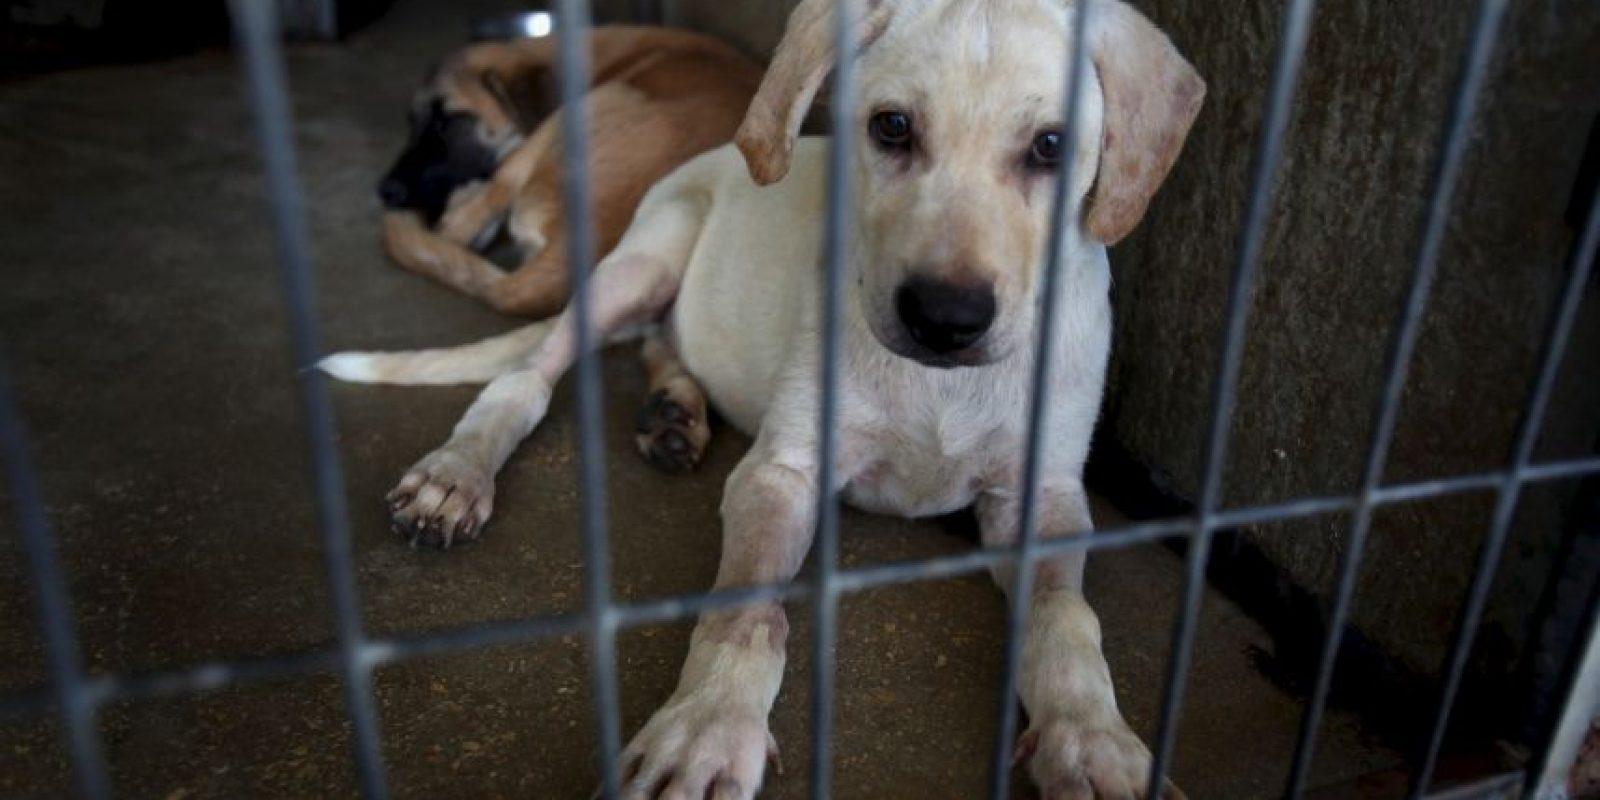 Las instituciones de defensa de animales sugieren tener en cuenta los problemas de salud provocados por pulgas, u otros organismos Foto:Getty Images